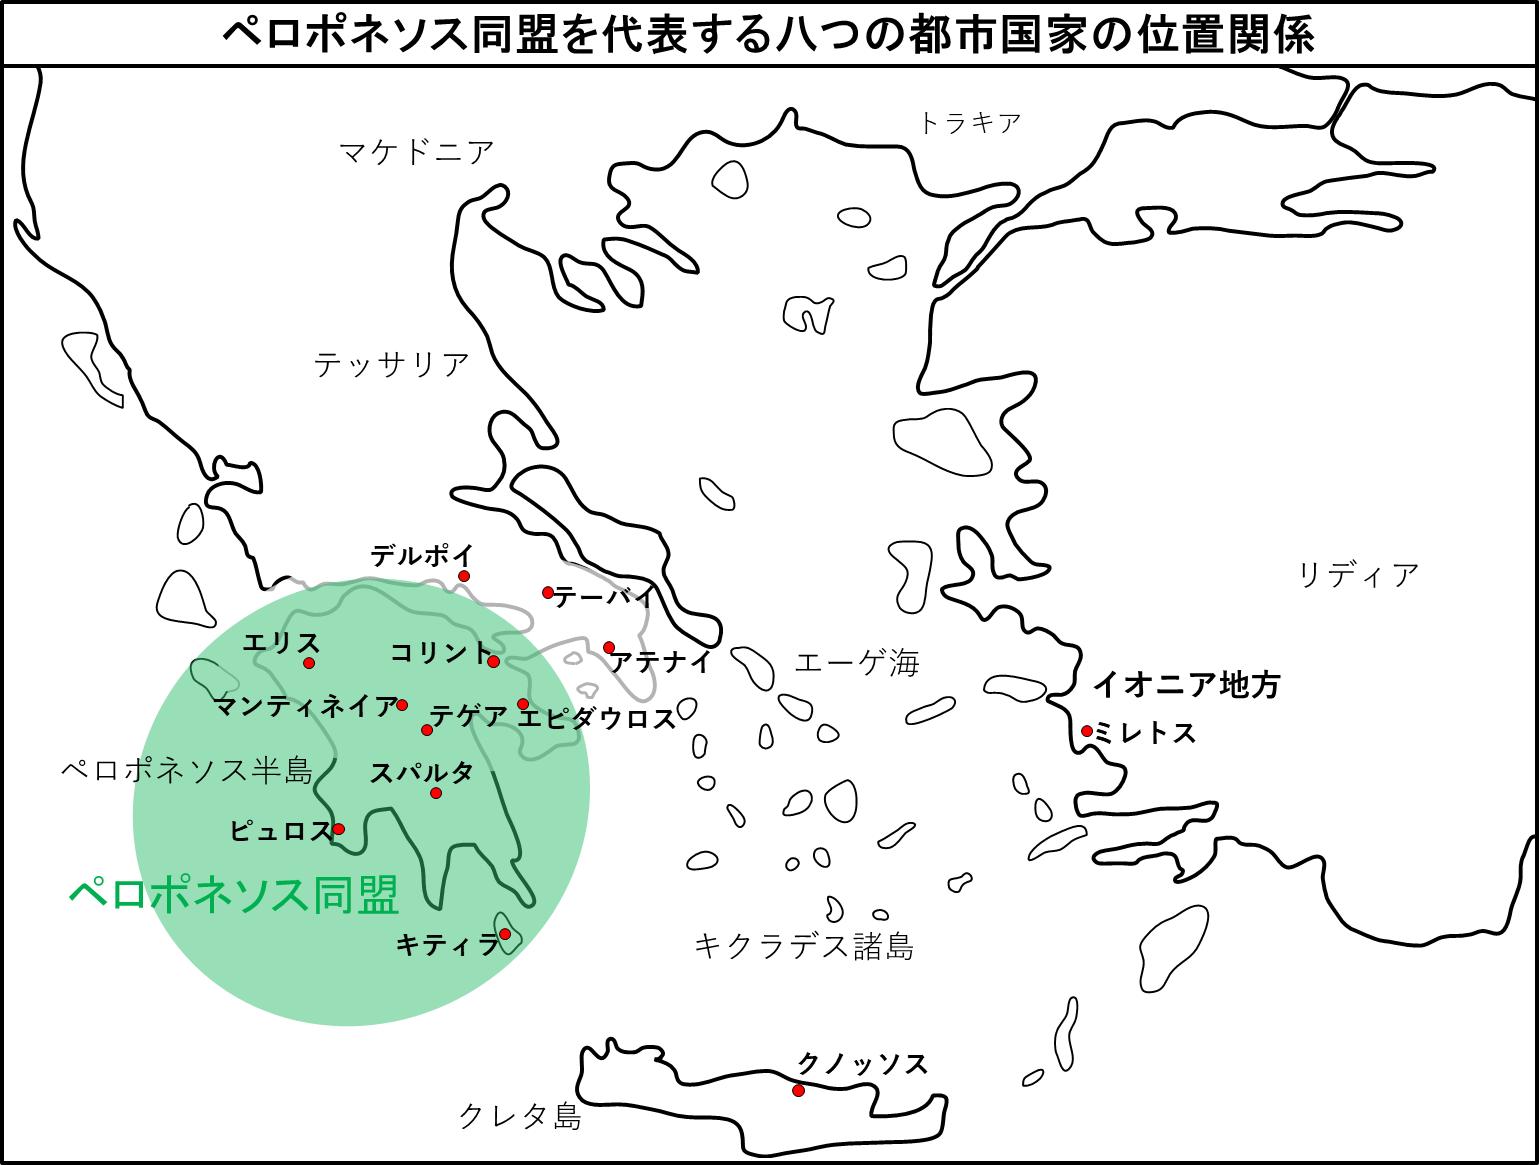 ペロポネソス同盟を代表する八つの都市国家の位置関係